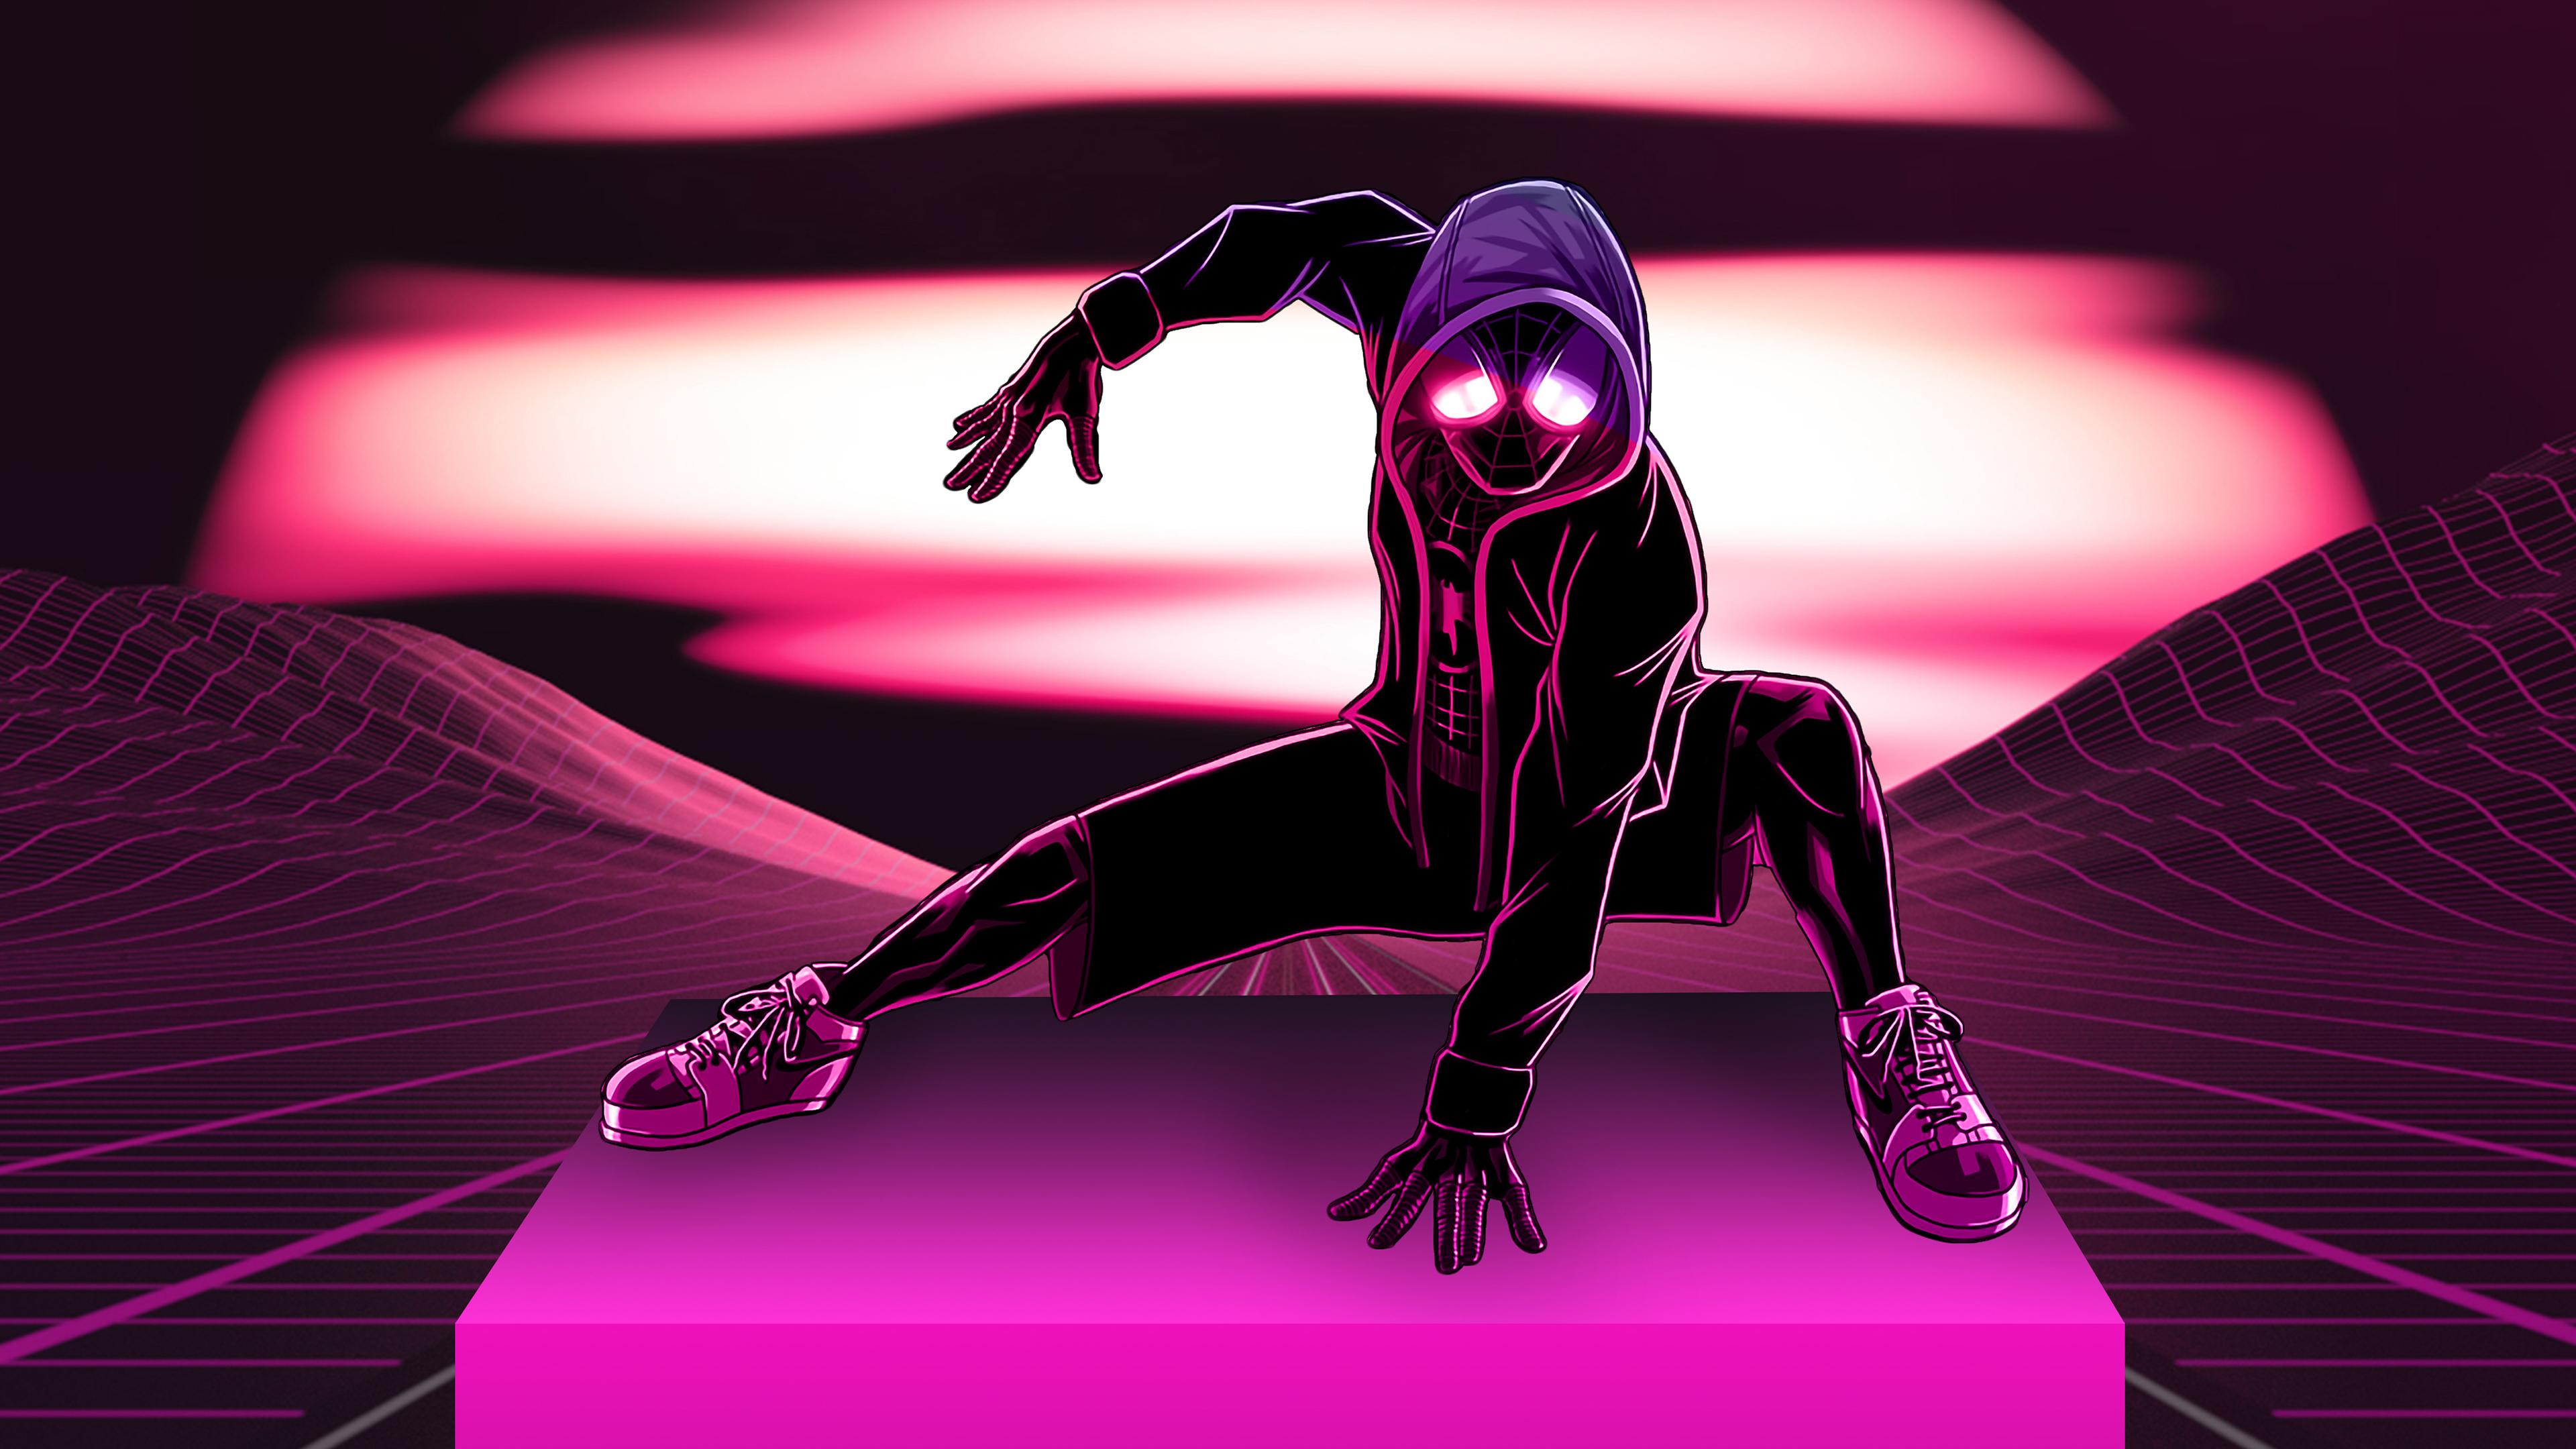 neon spider man 4k 1546276356 - Neon Spider Man 4k - superheroes wallpapers, spiderman wallpapers, spiderman into the spider verse wallpapers, retrowave wallpapers, hd-wallpapers, digital art wallpapers, behance wallpapers, artwork wallpapers, artist wallpapers, 4k-wallpapers